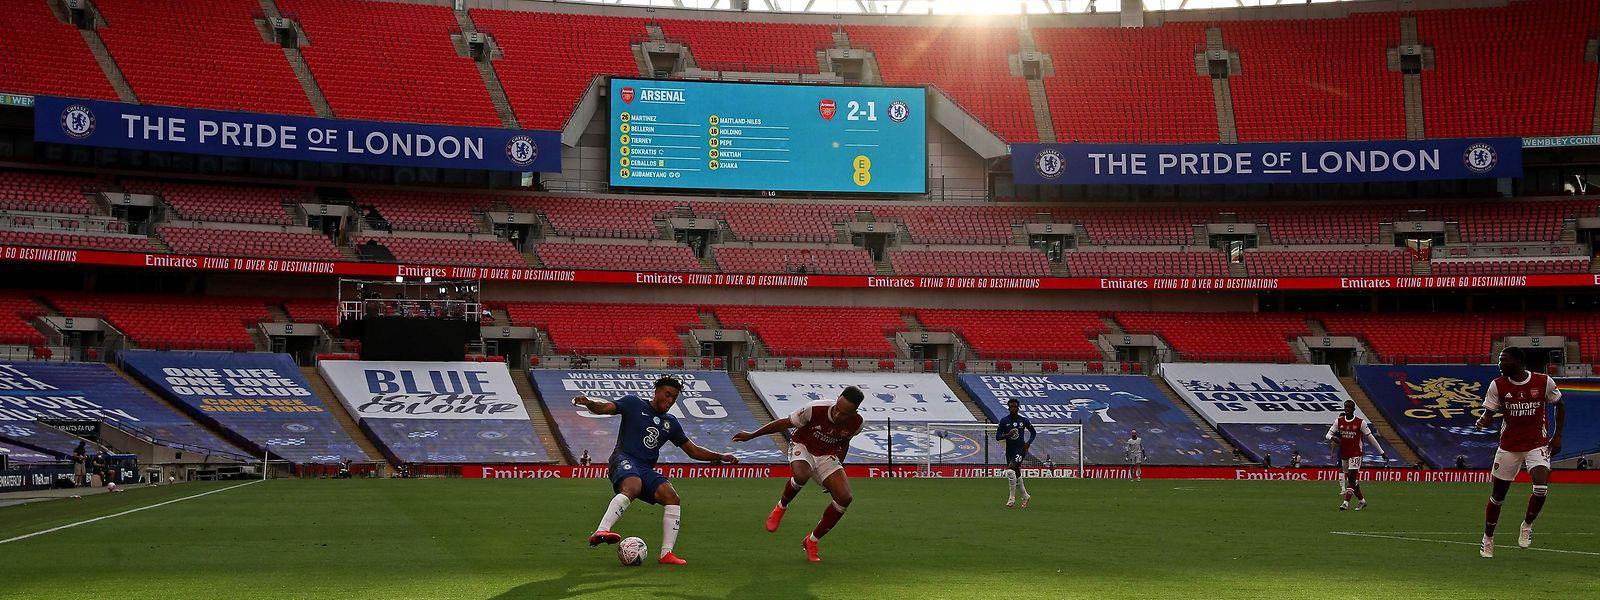 La finale de la Coupe d'Angleterre entre Chelsea et Arsenal s'est déroulée devant des tribunes vides alors que Wembley peut accueillir près de 80.000 spectateurs.